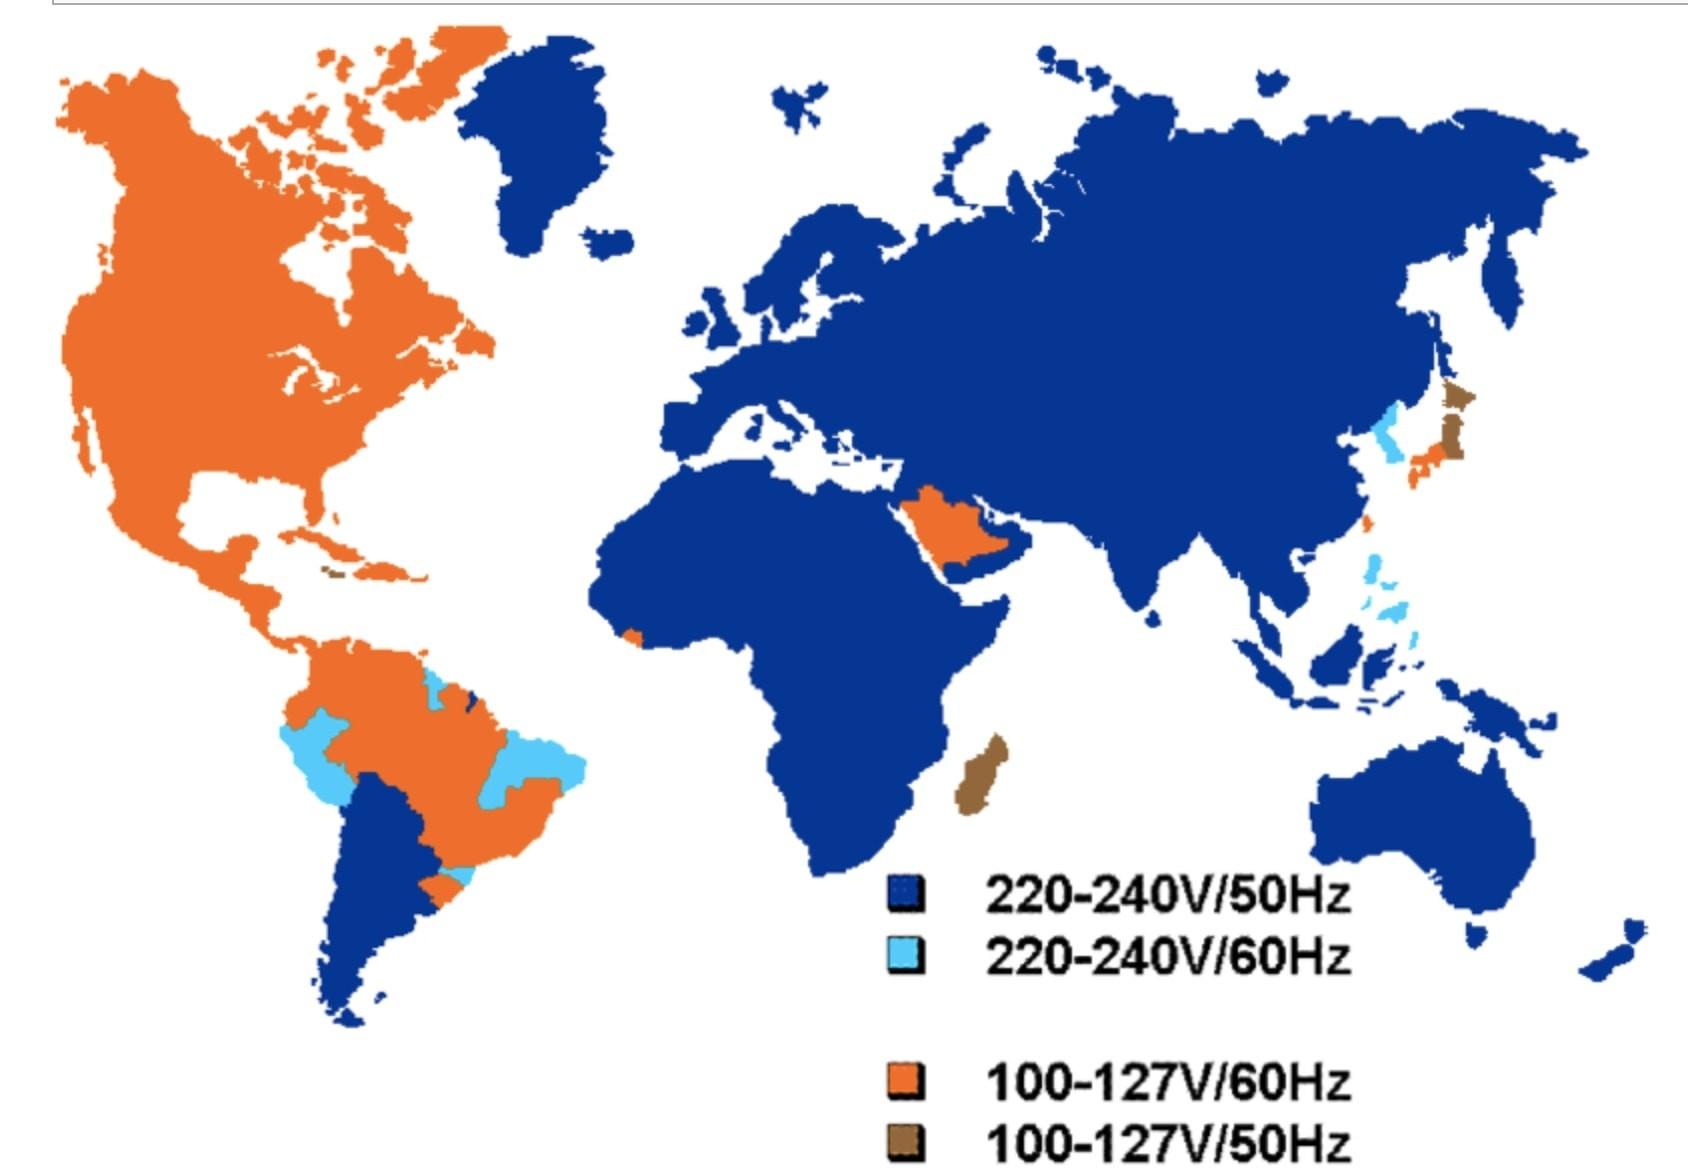 Напряжение в разных странах